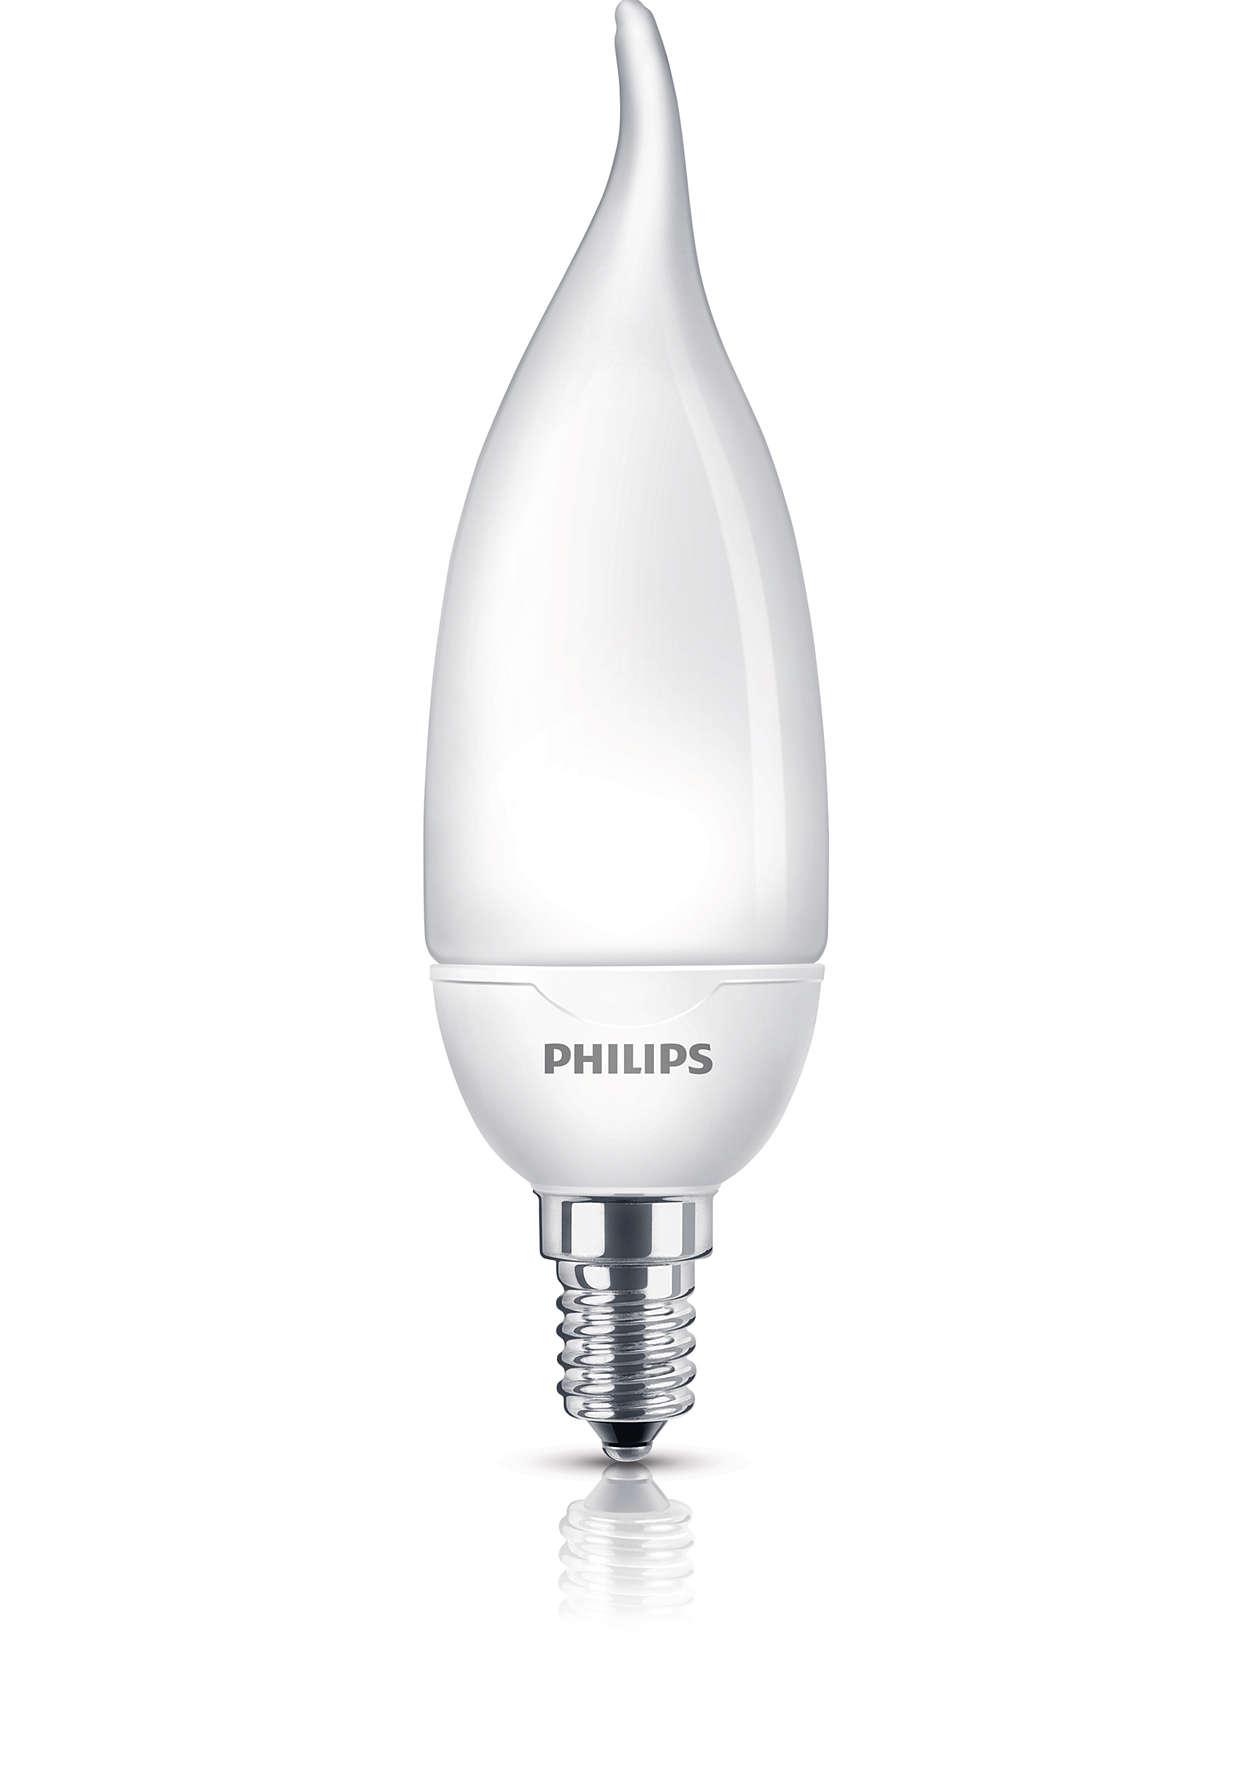 Meko, blago svjetlo u štednoj žarulji